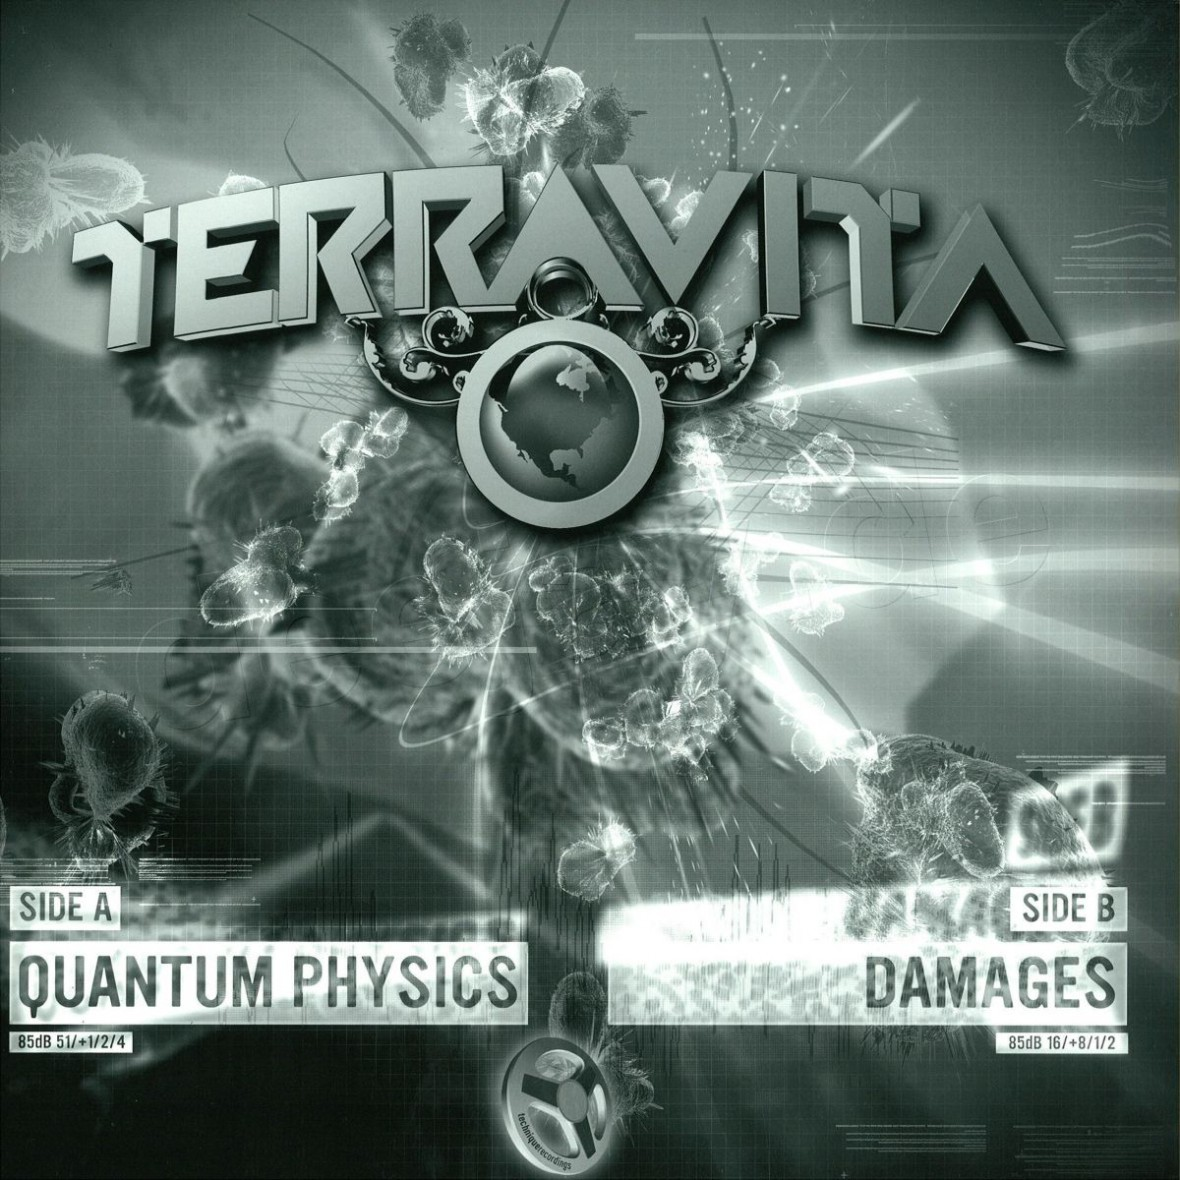 Terravita Quantum Physics / Damages